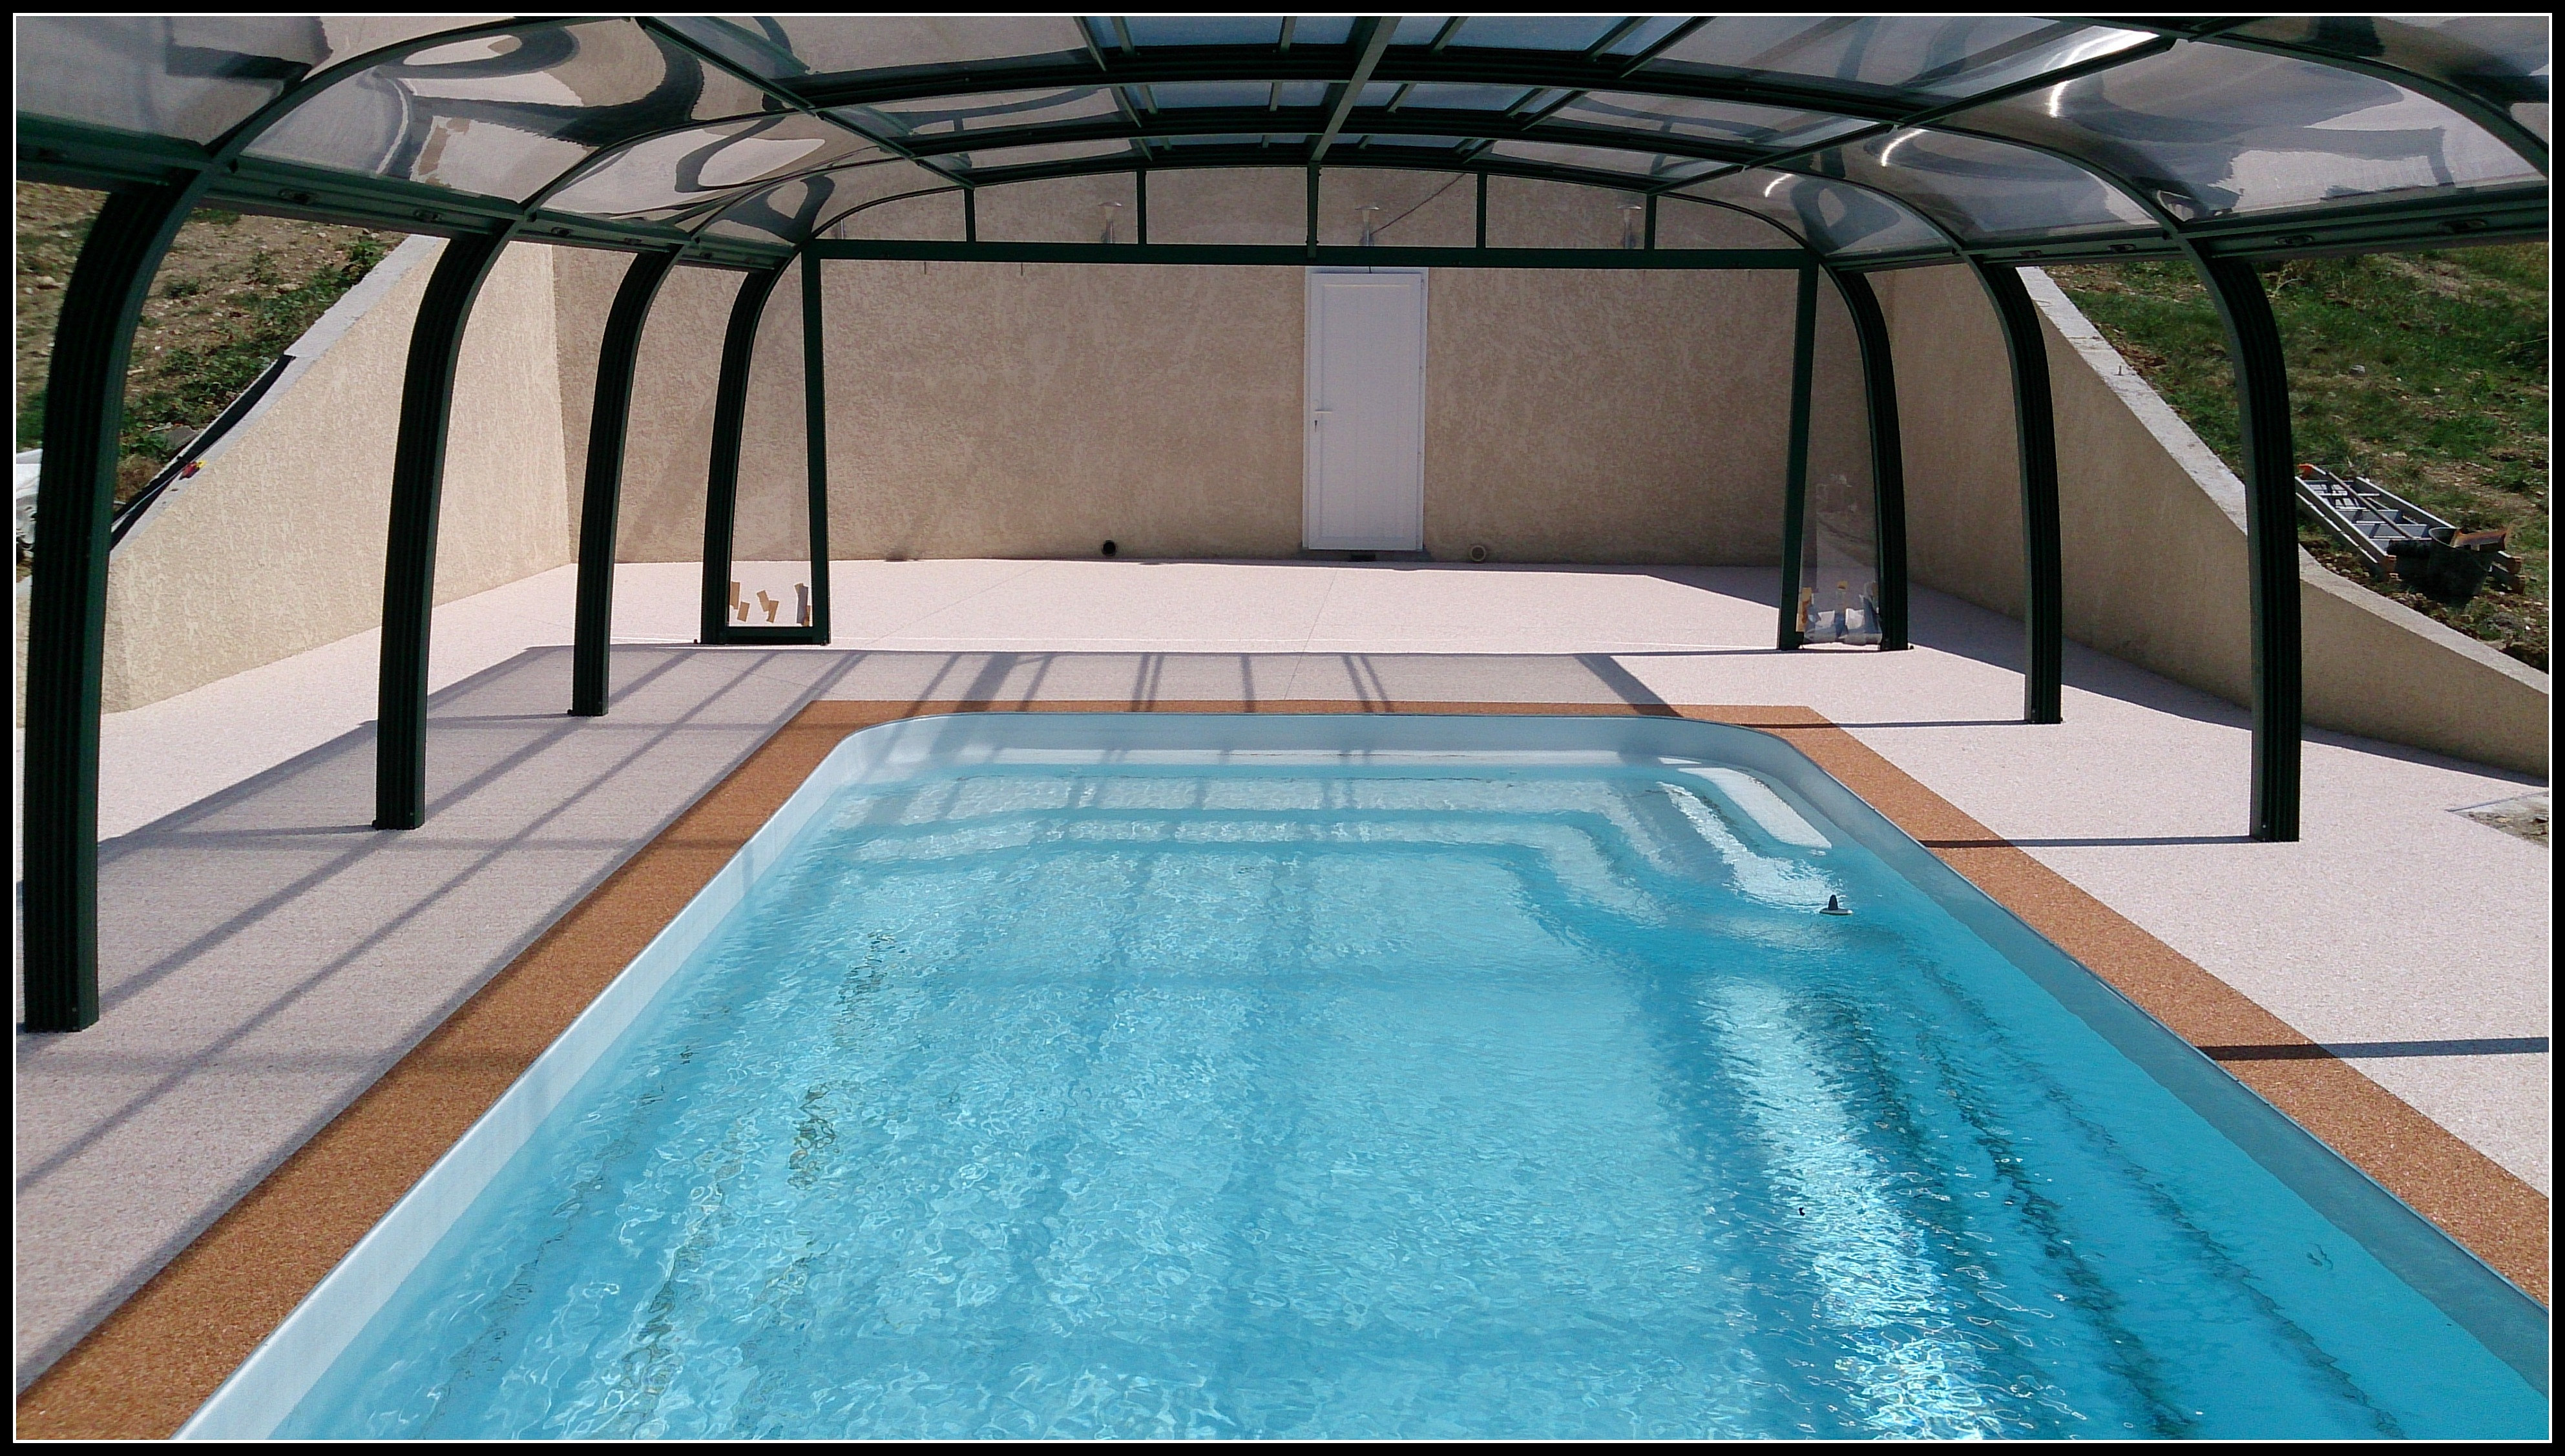 Pourtour de piscine en r sine for Piscine 3 05 x 1 22